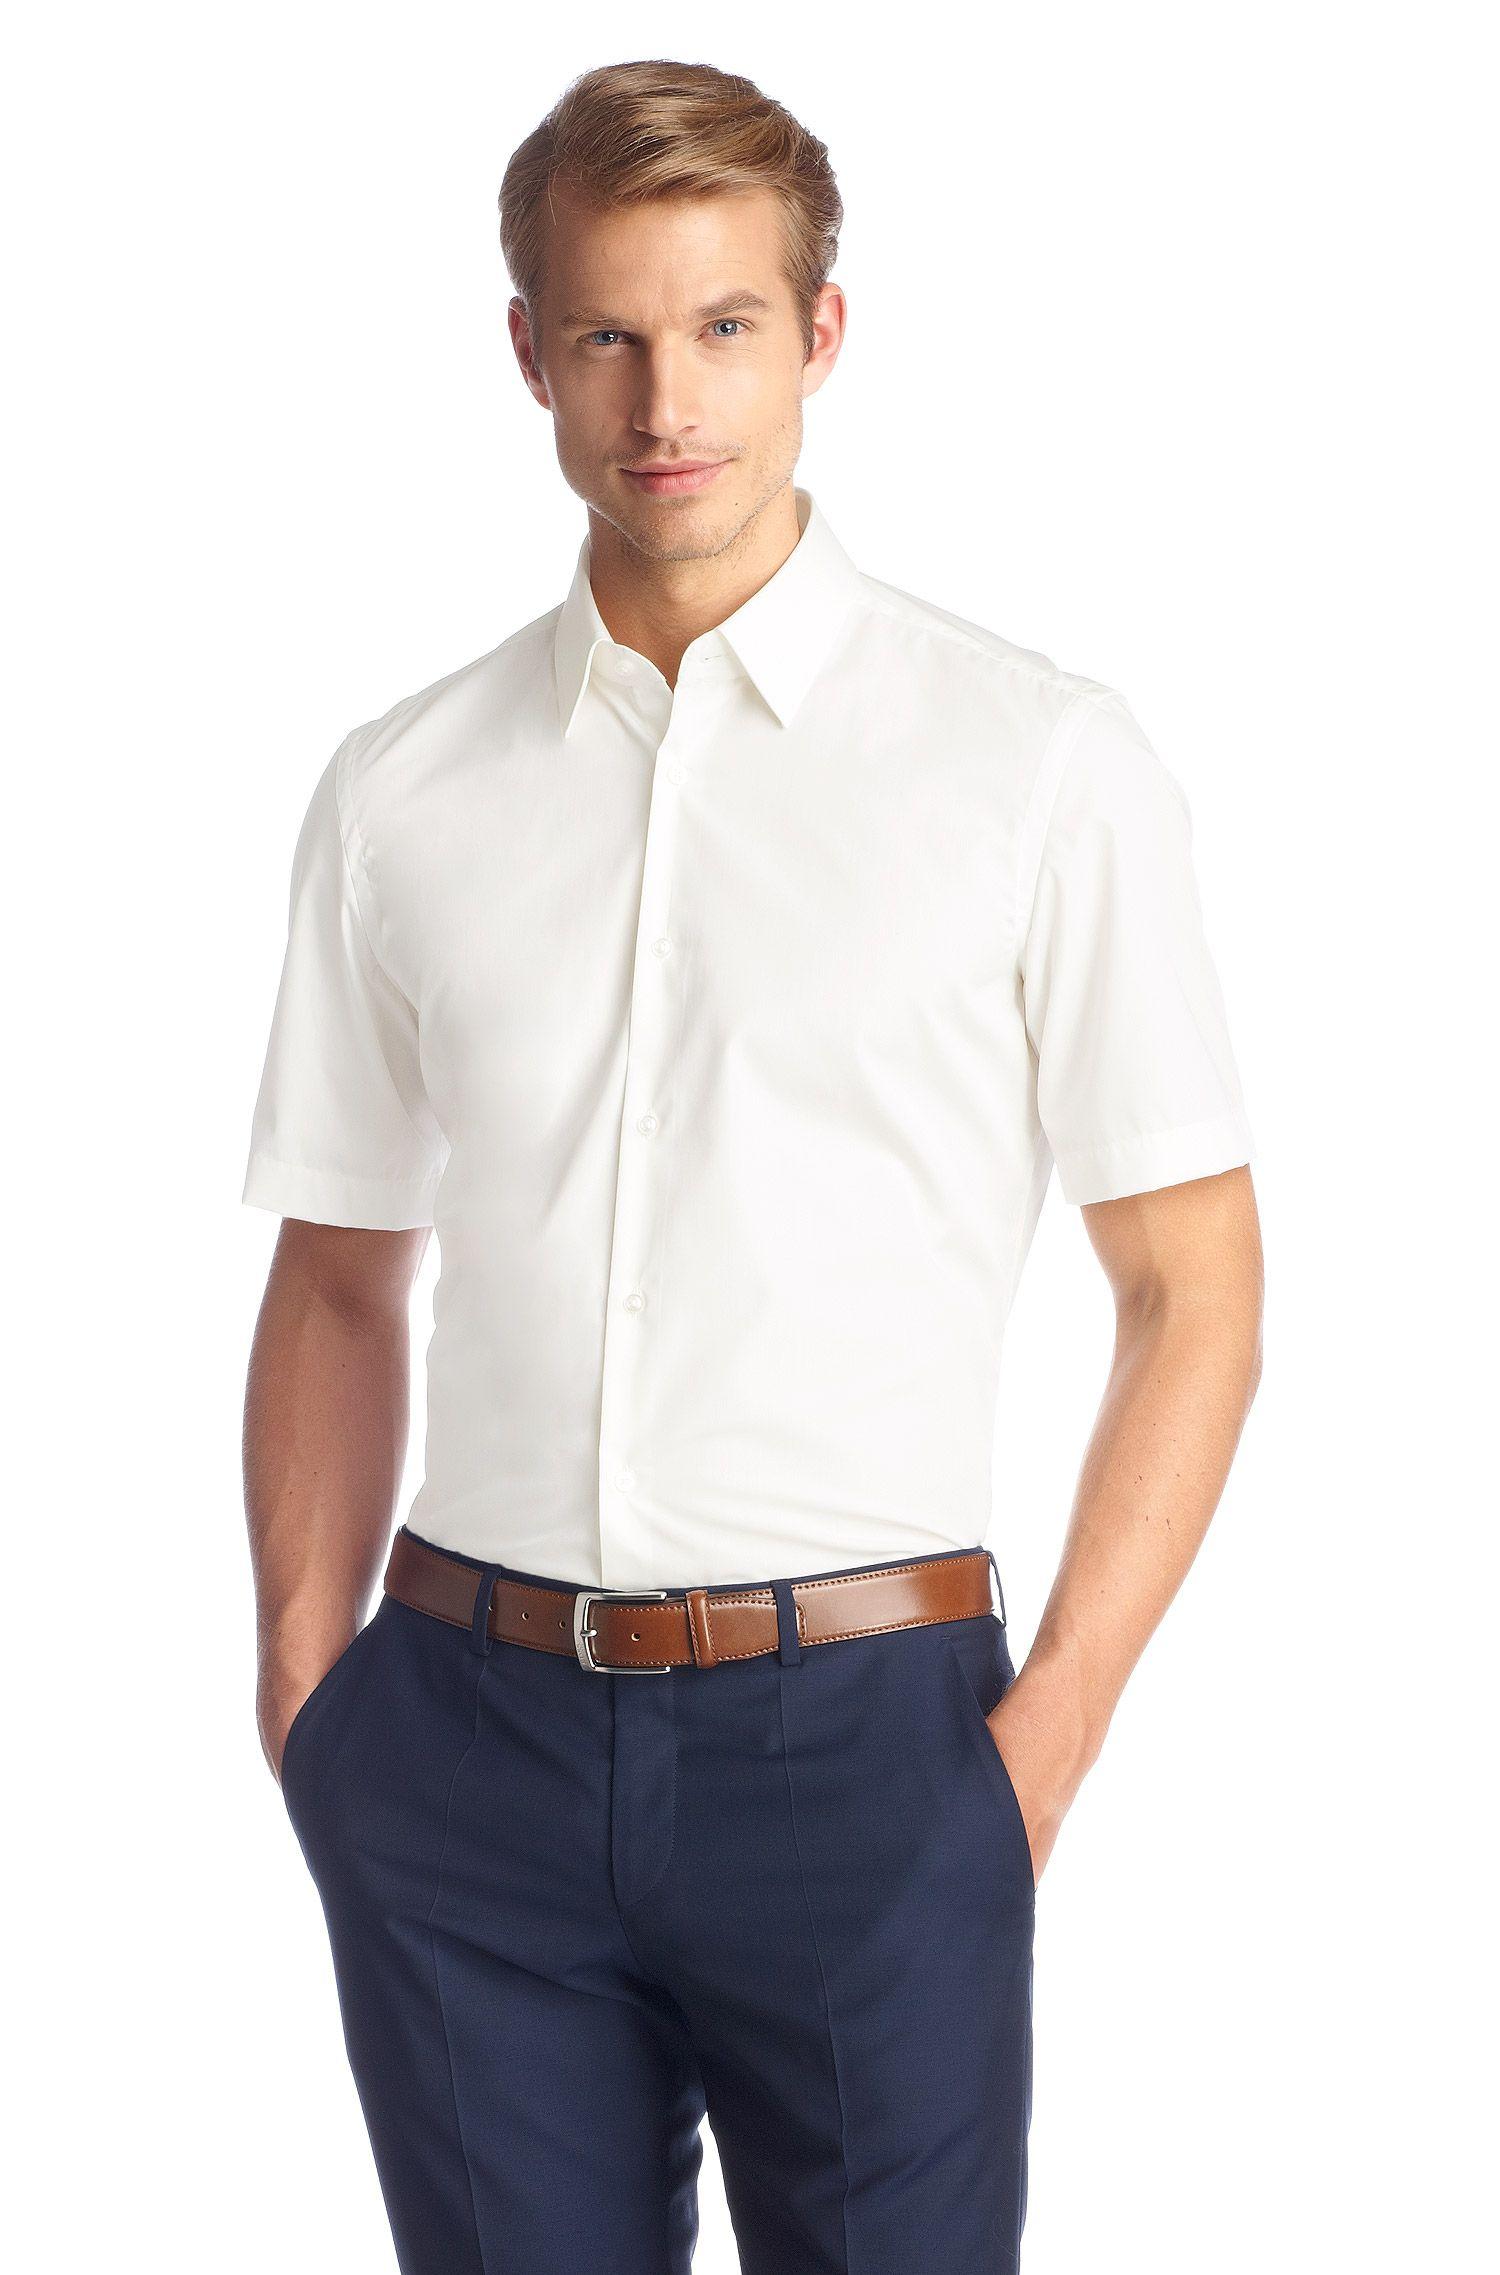 Regular fit overhemd met korte mouwen 'Cinzioi', gemakkelijk te strijken